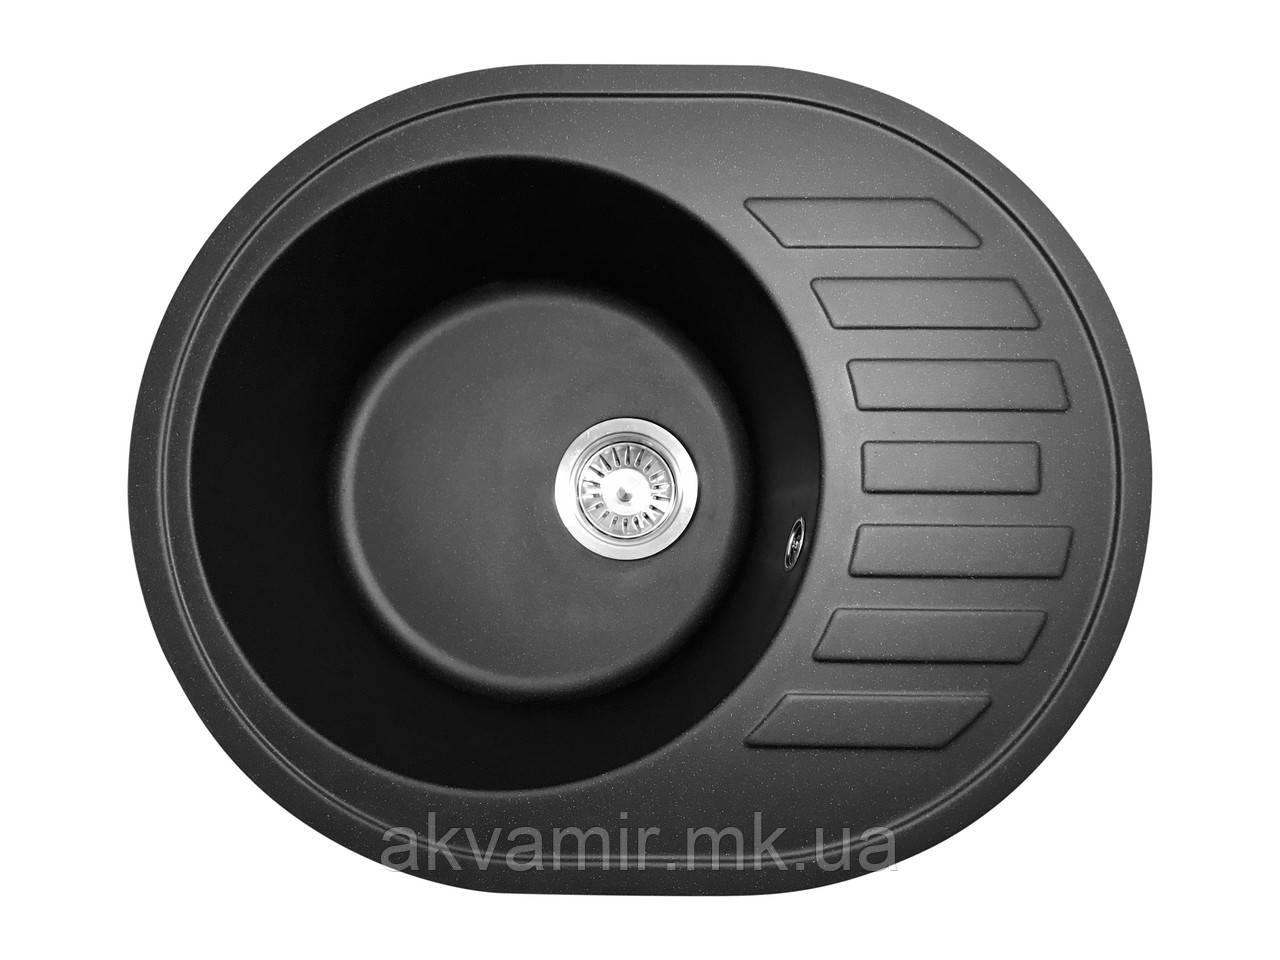 Кухонная мойка PoliComposite М03 (литой камень) черная